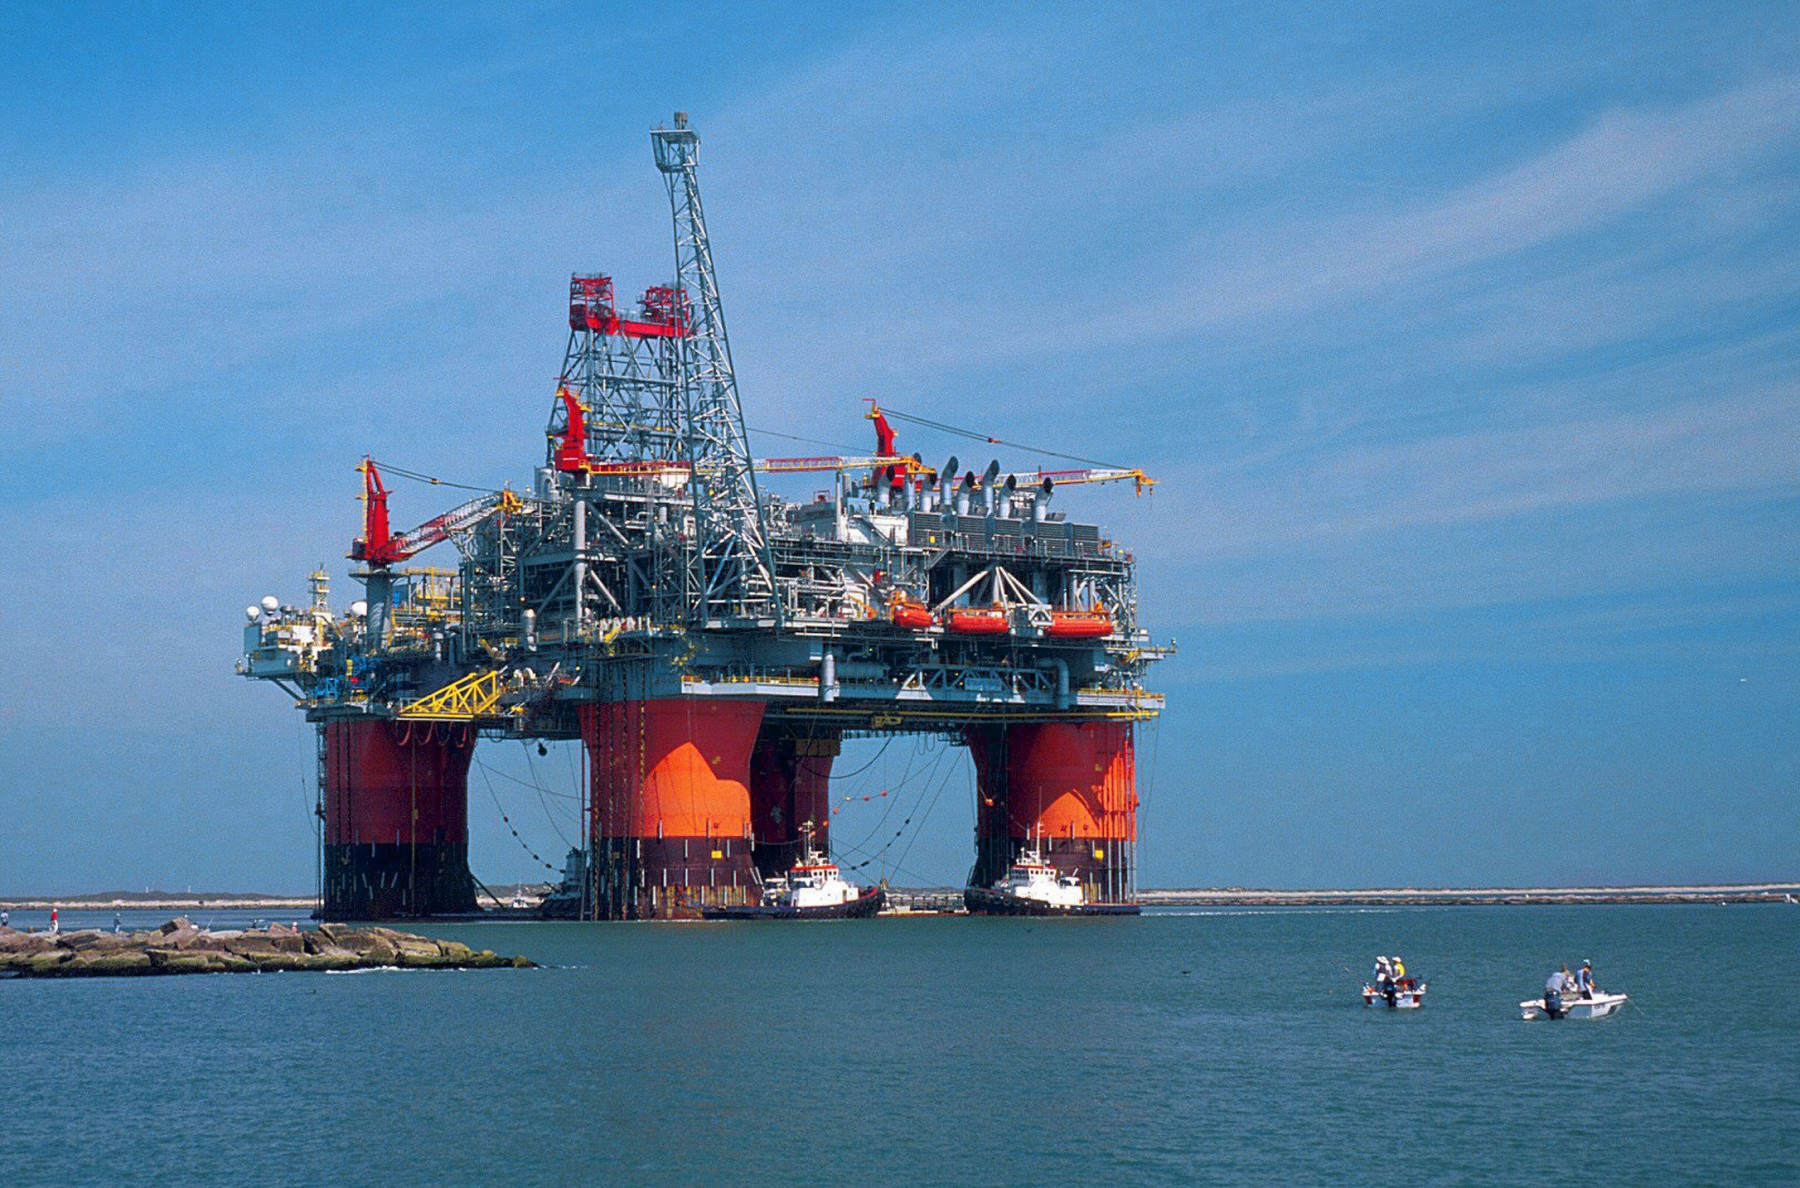 Οι χώρες με τα μεγαλύτερα πετρελαϊκά αποθέματα